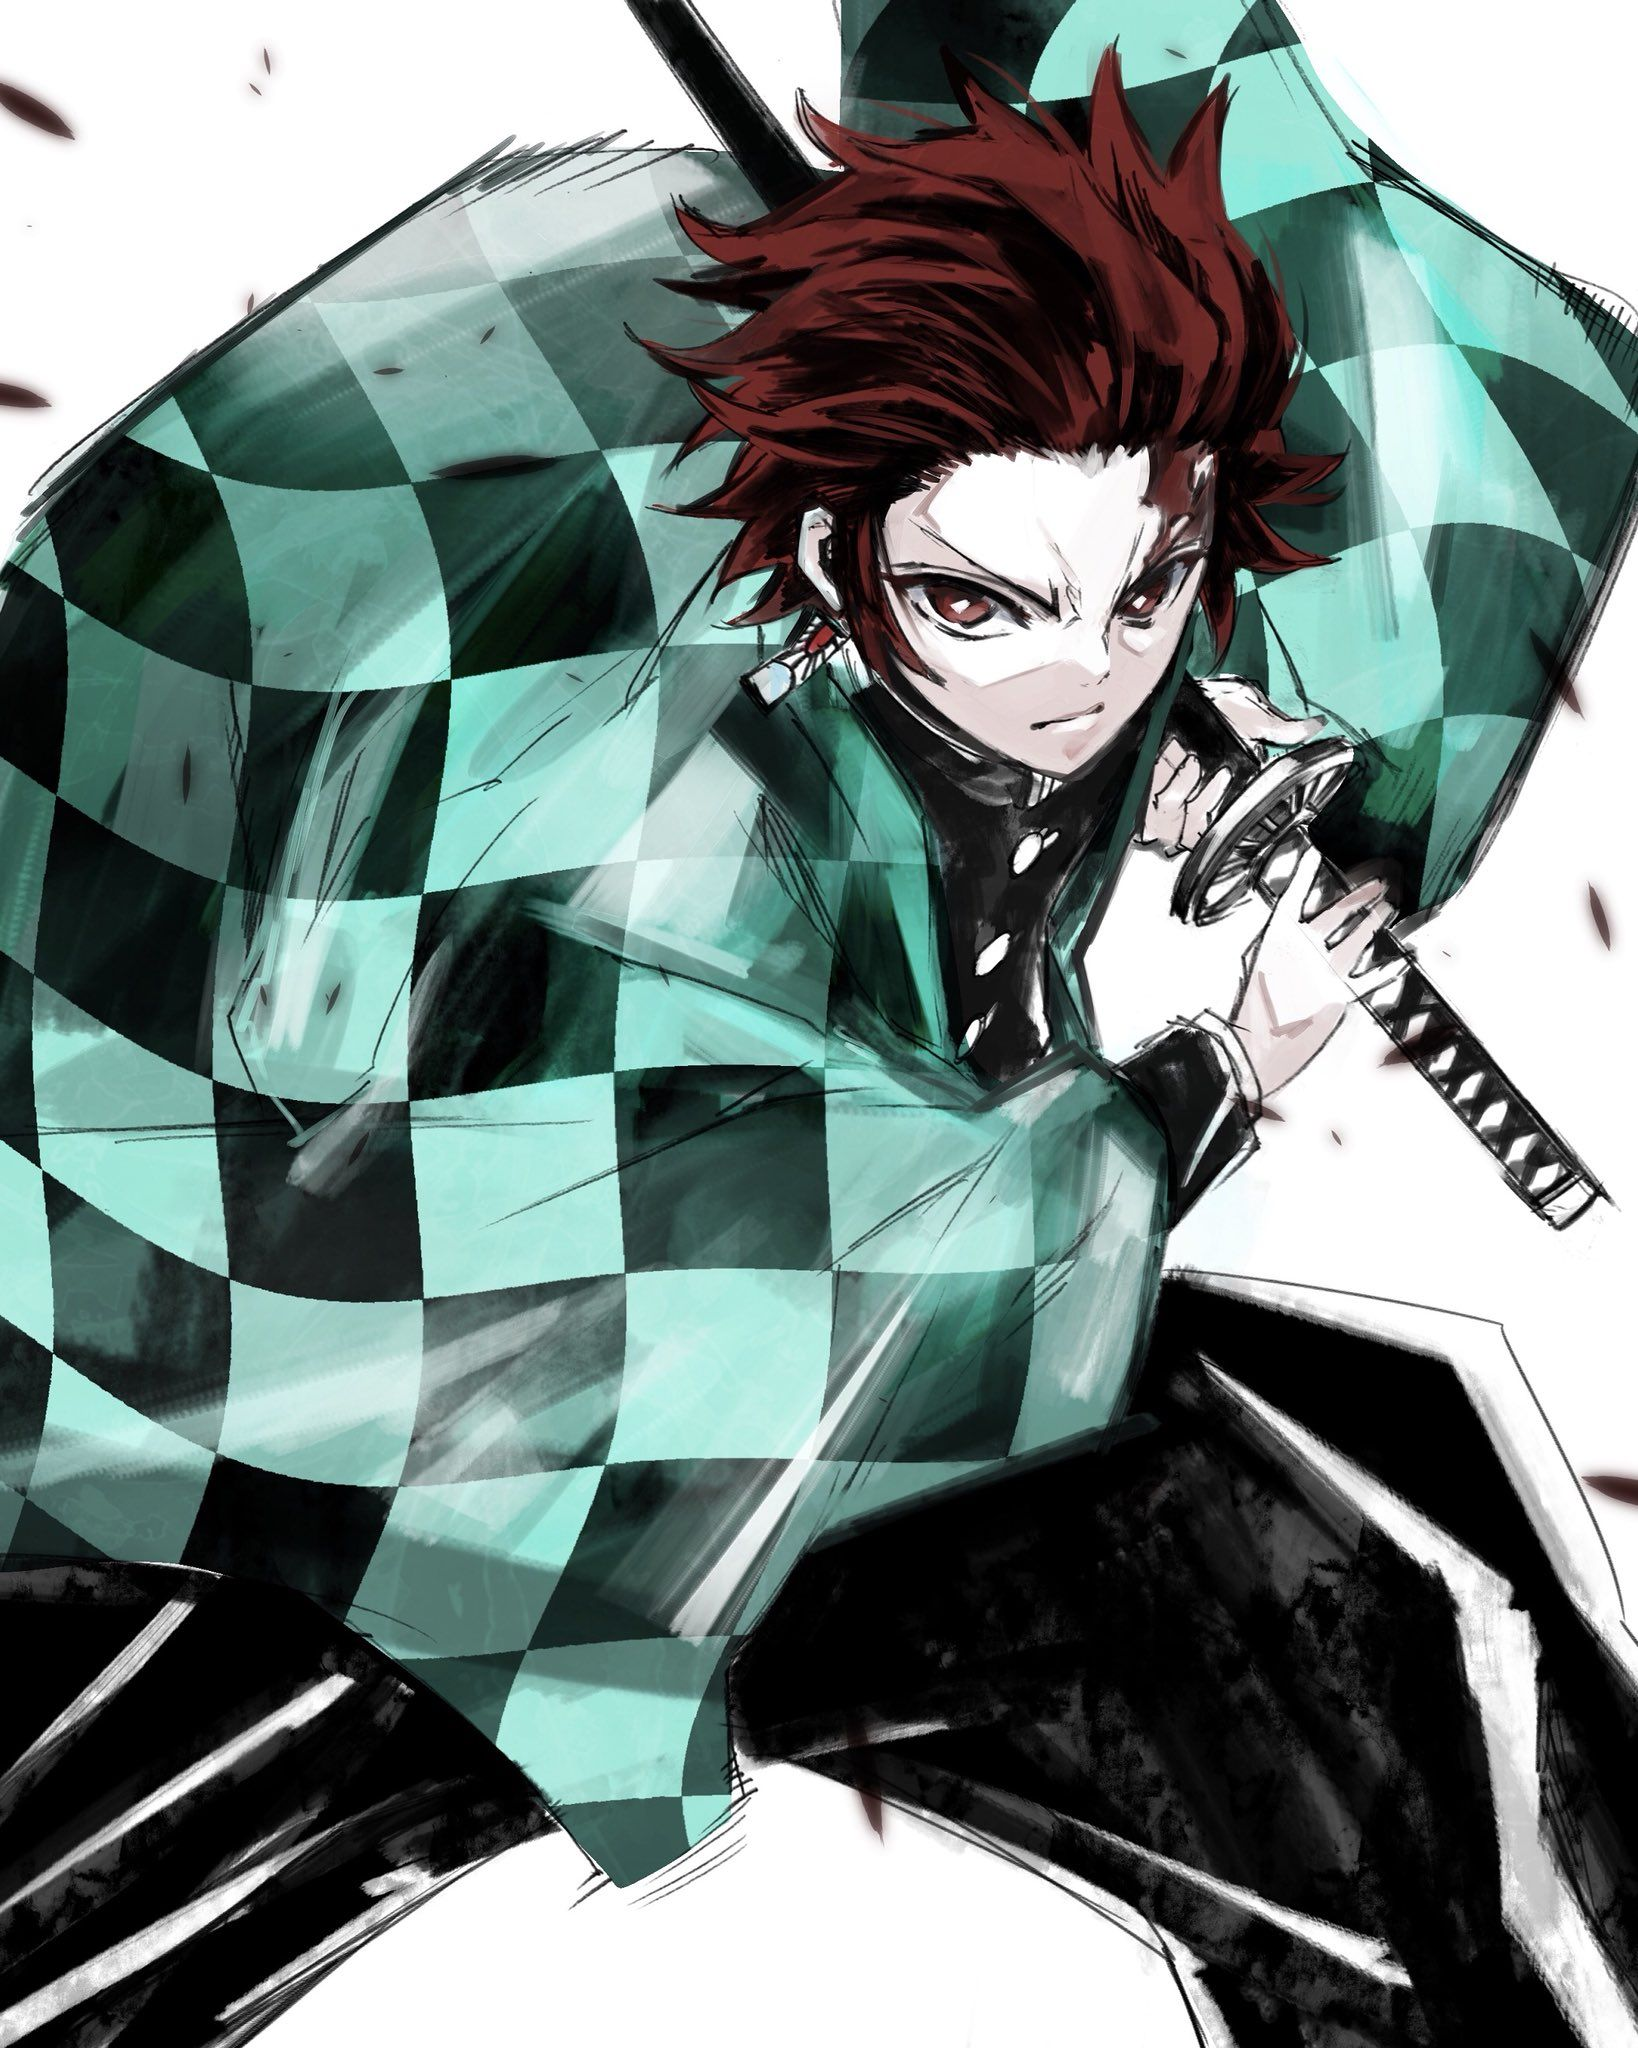 助野嘉昭 on in 2020 (With images) Anime characters, Anime